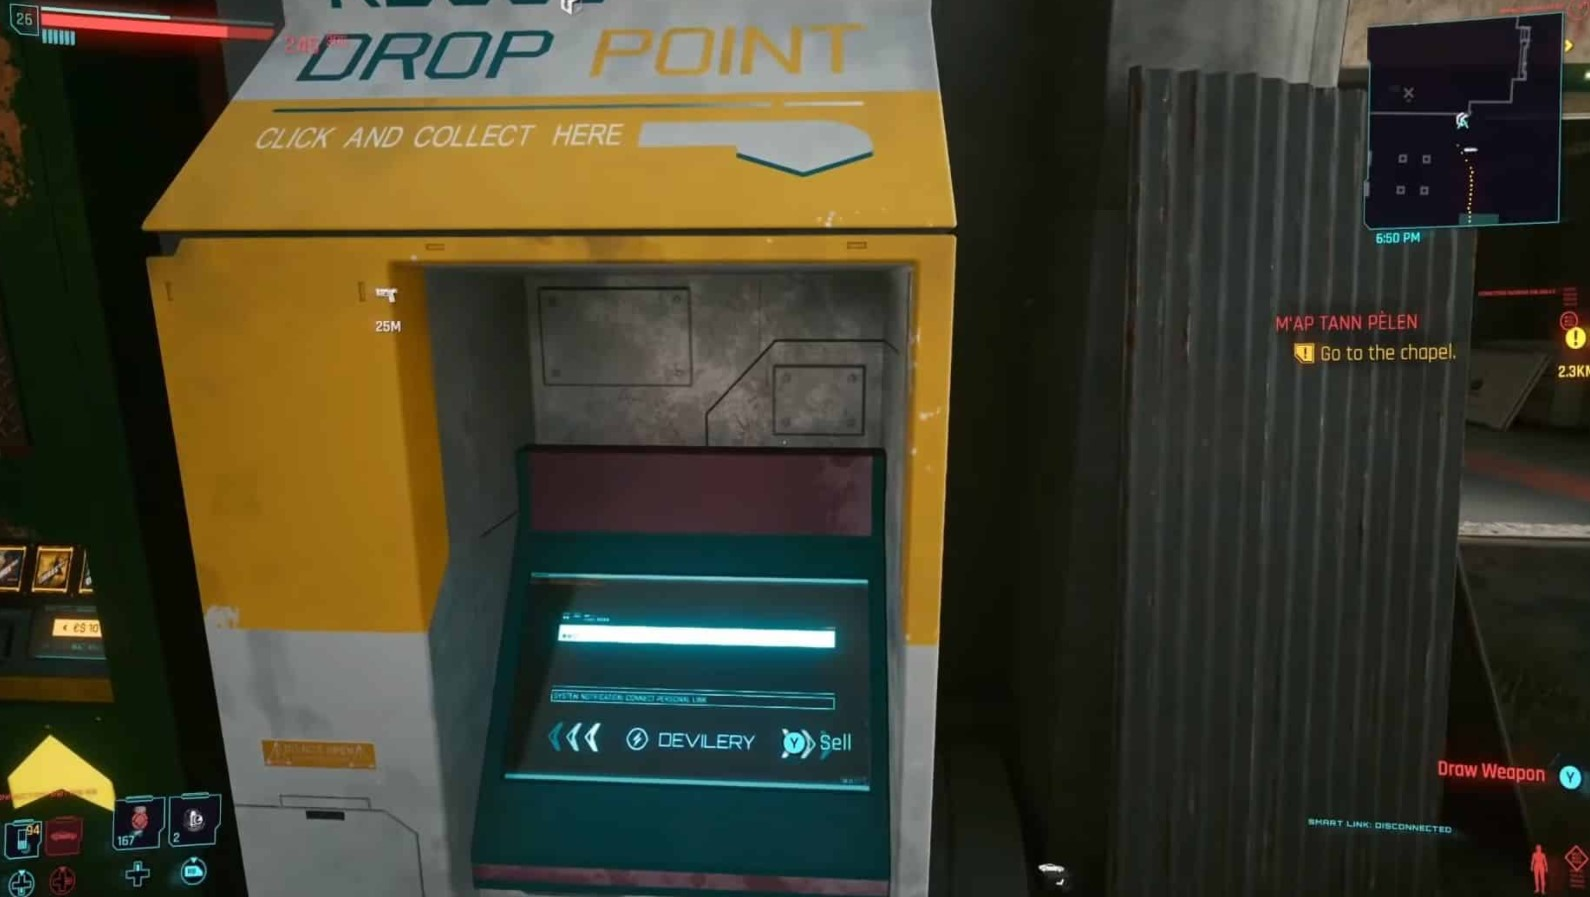 Un glitch permite conseguir dinero infinito en Cyberpunk 2077